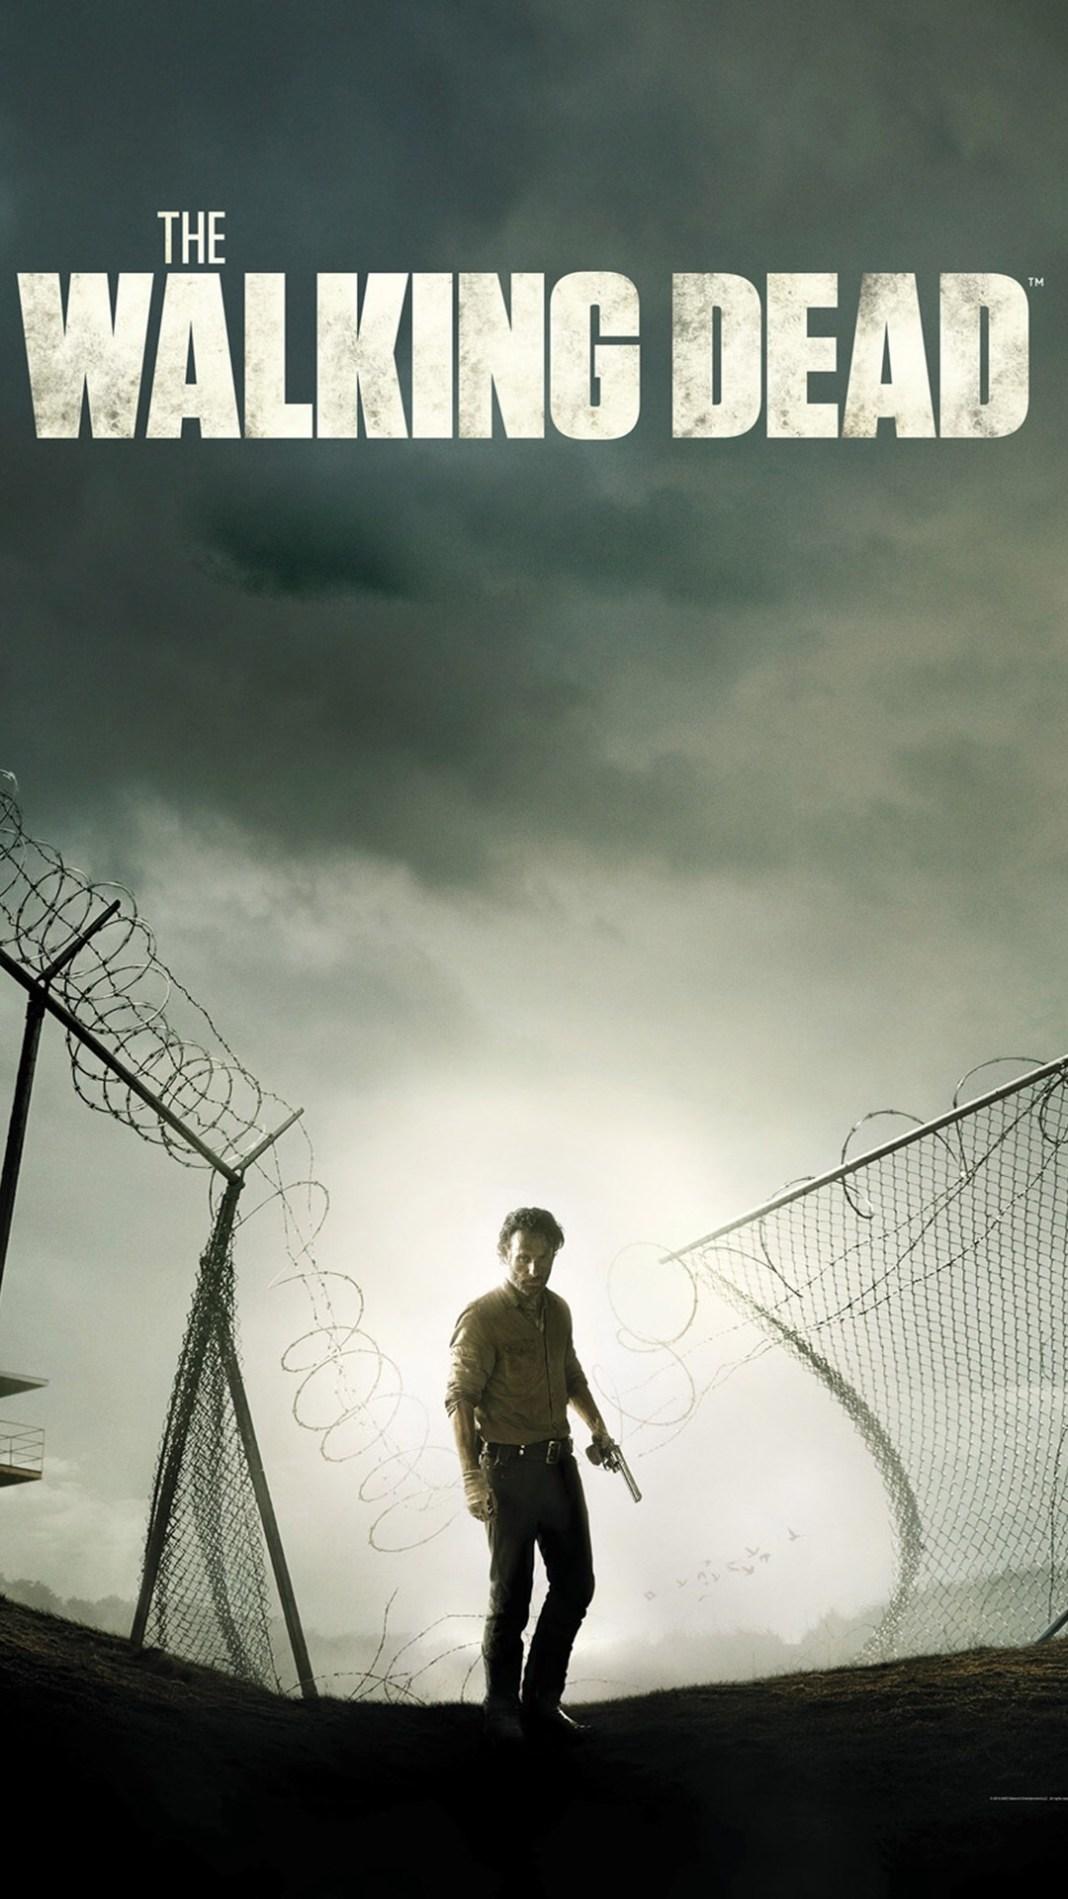 The-Walking-Dead-iPhone-wallpaper-5